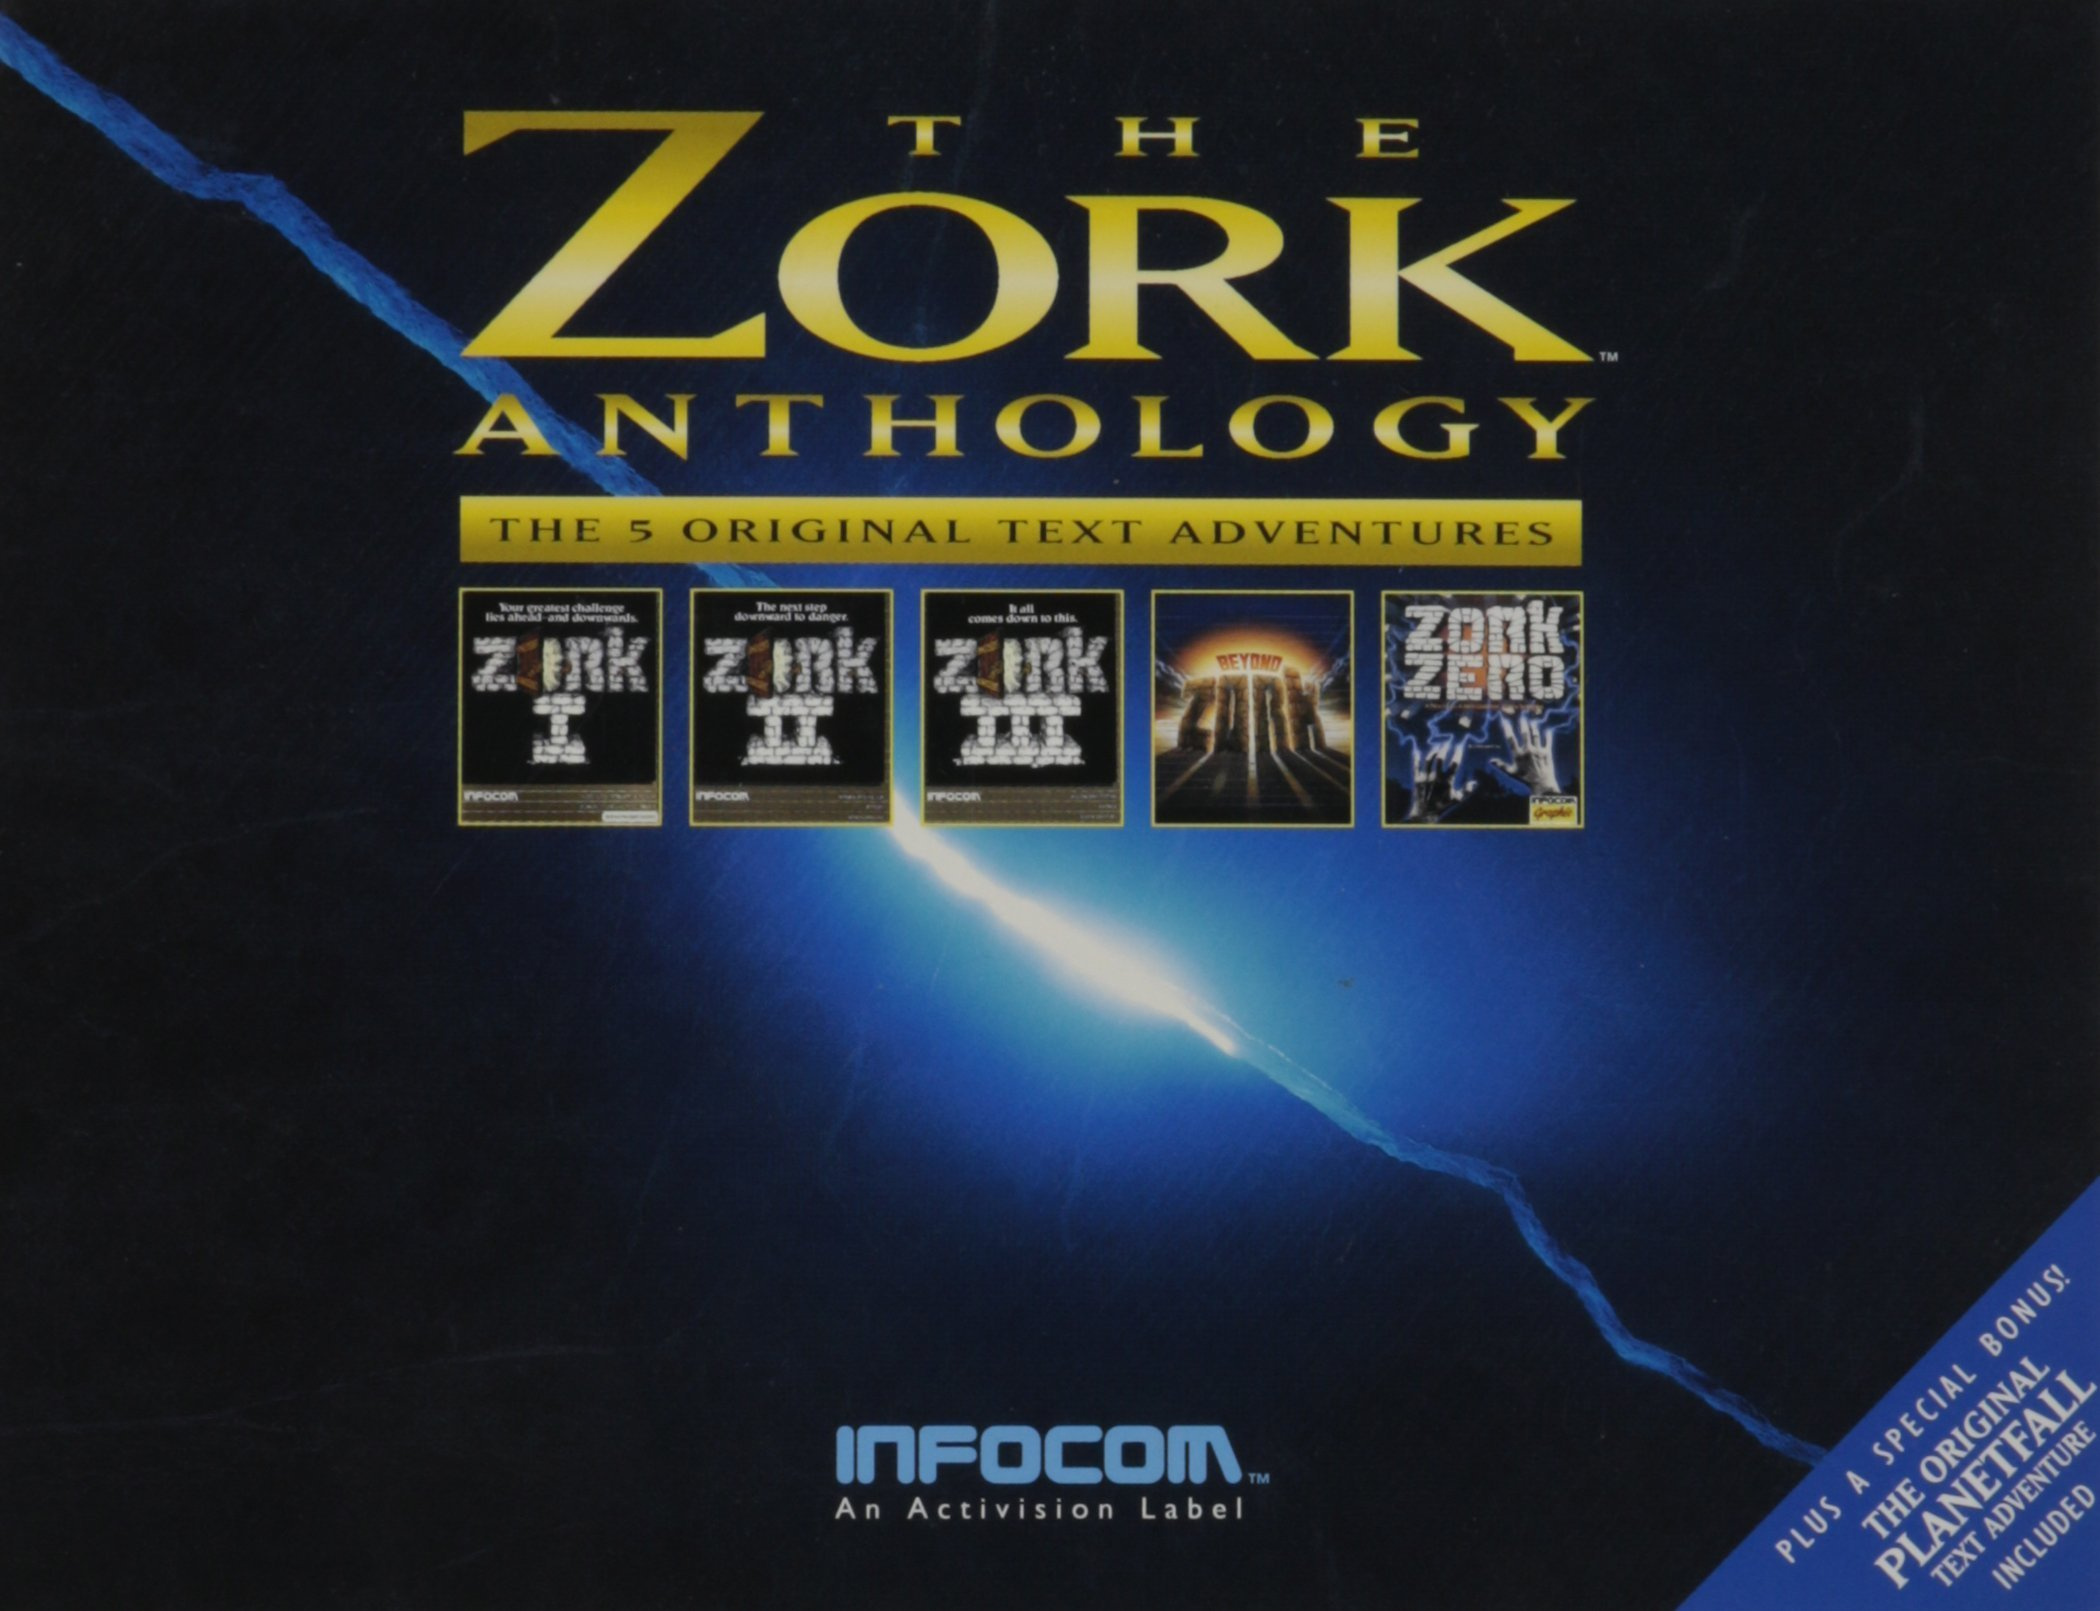 copertina dell'avventura testuale pubblicata da Infocom